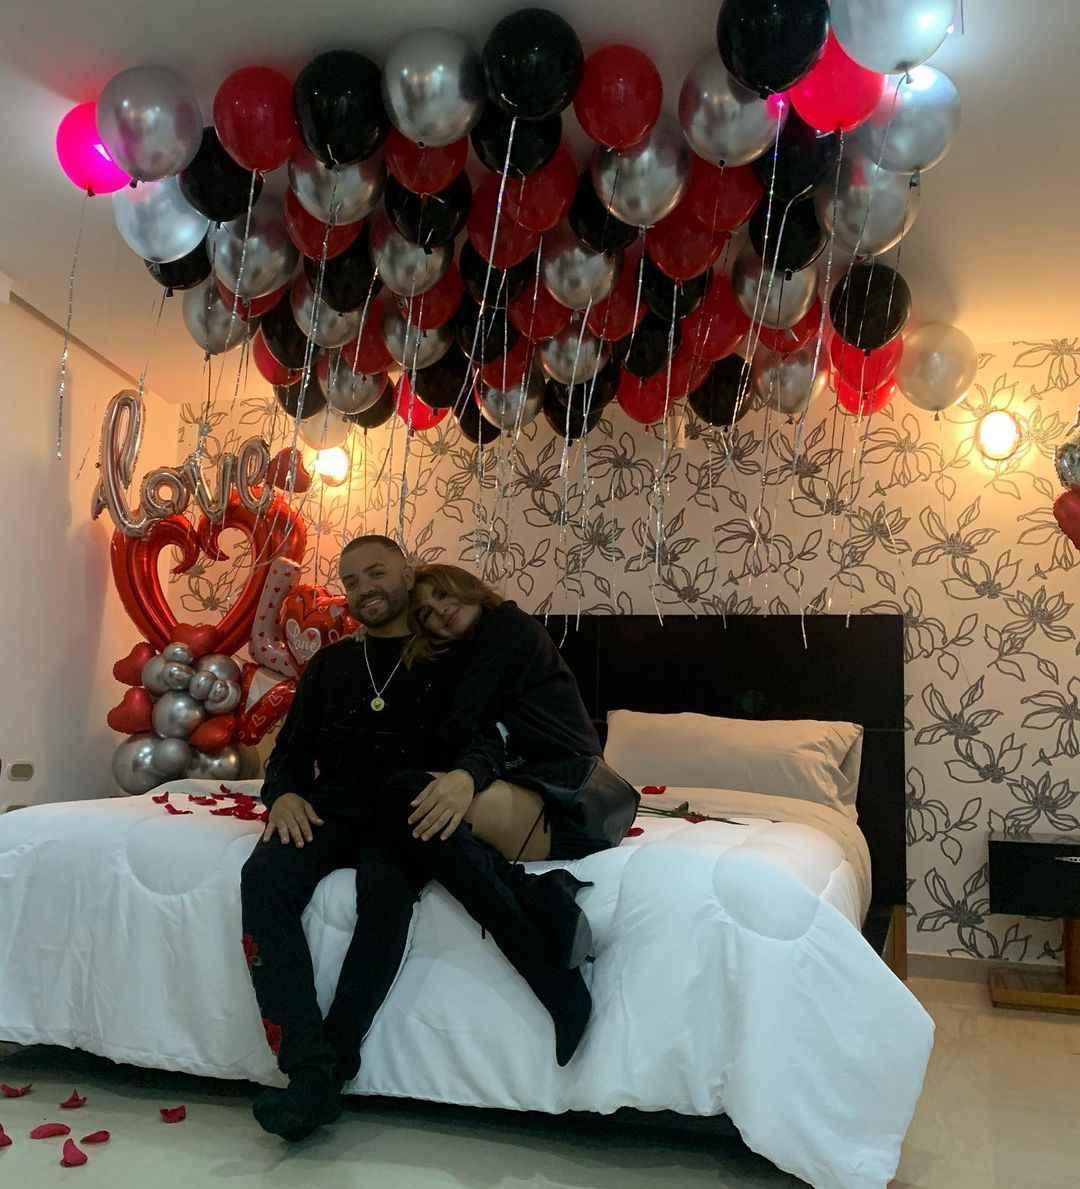 habitación de Nacho y Melany Mille decorada el 14 de febrero 2